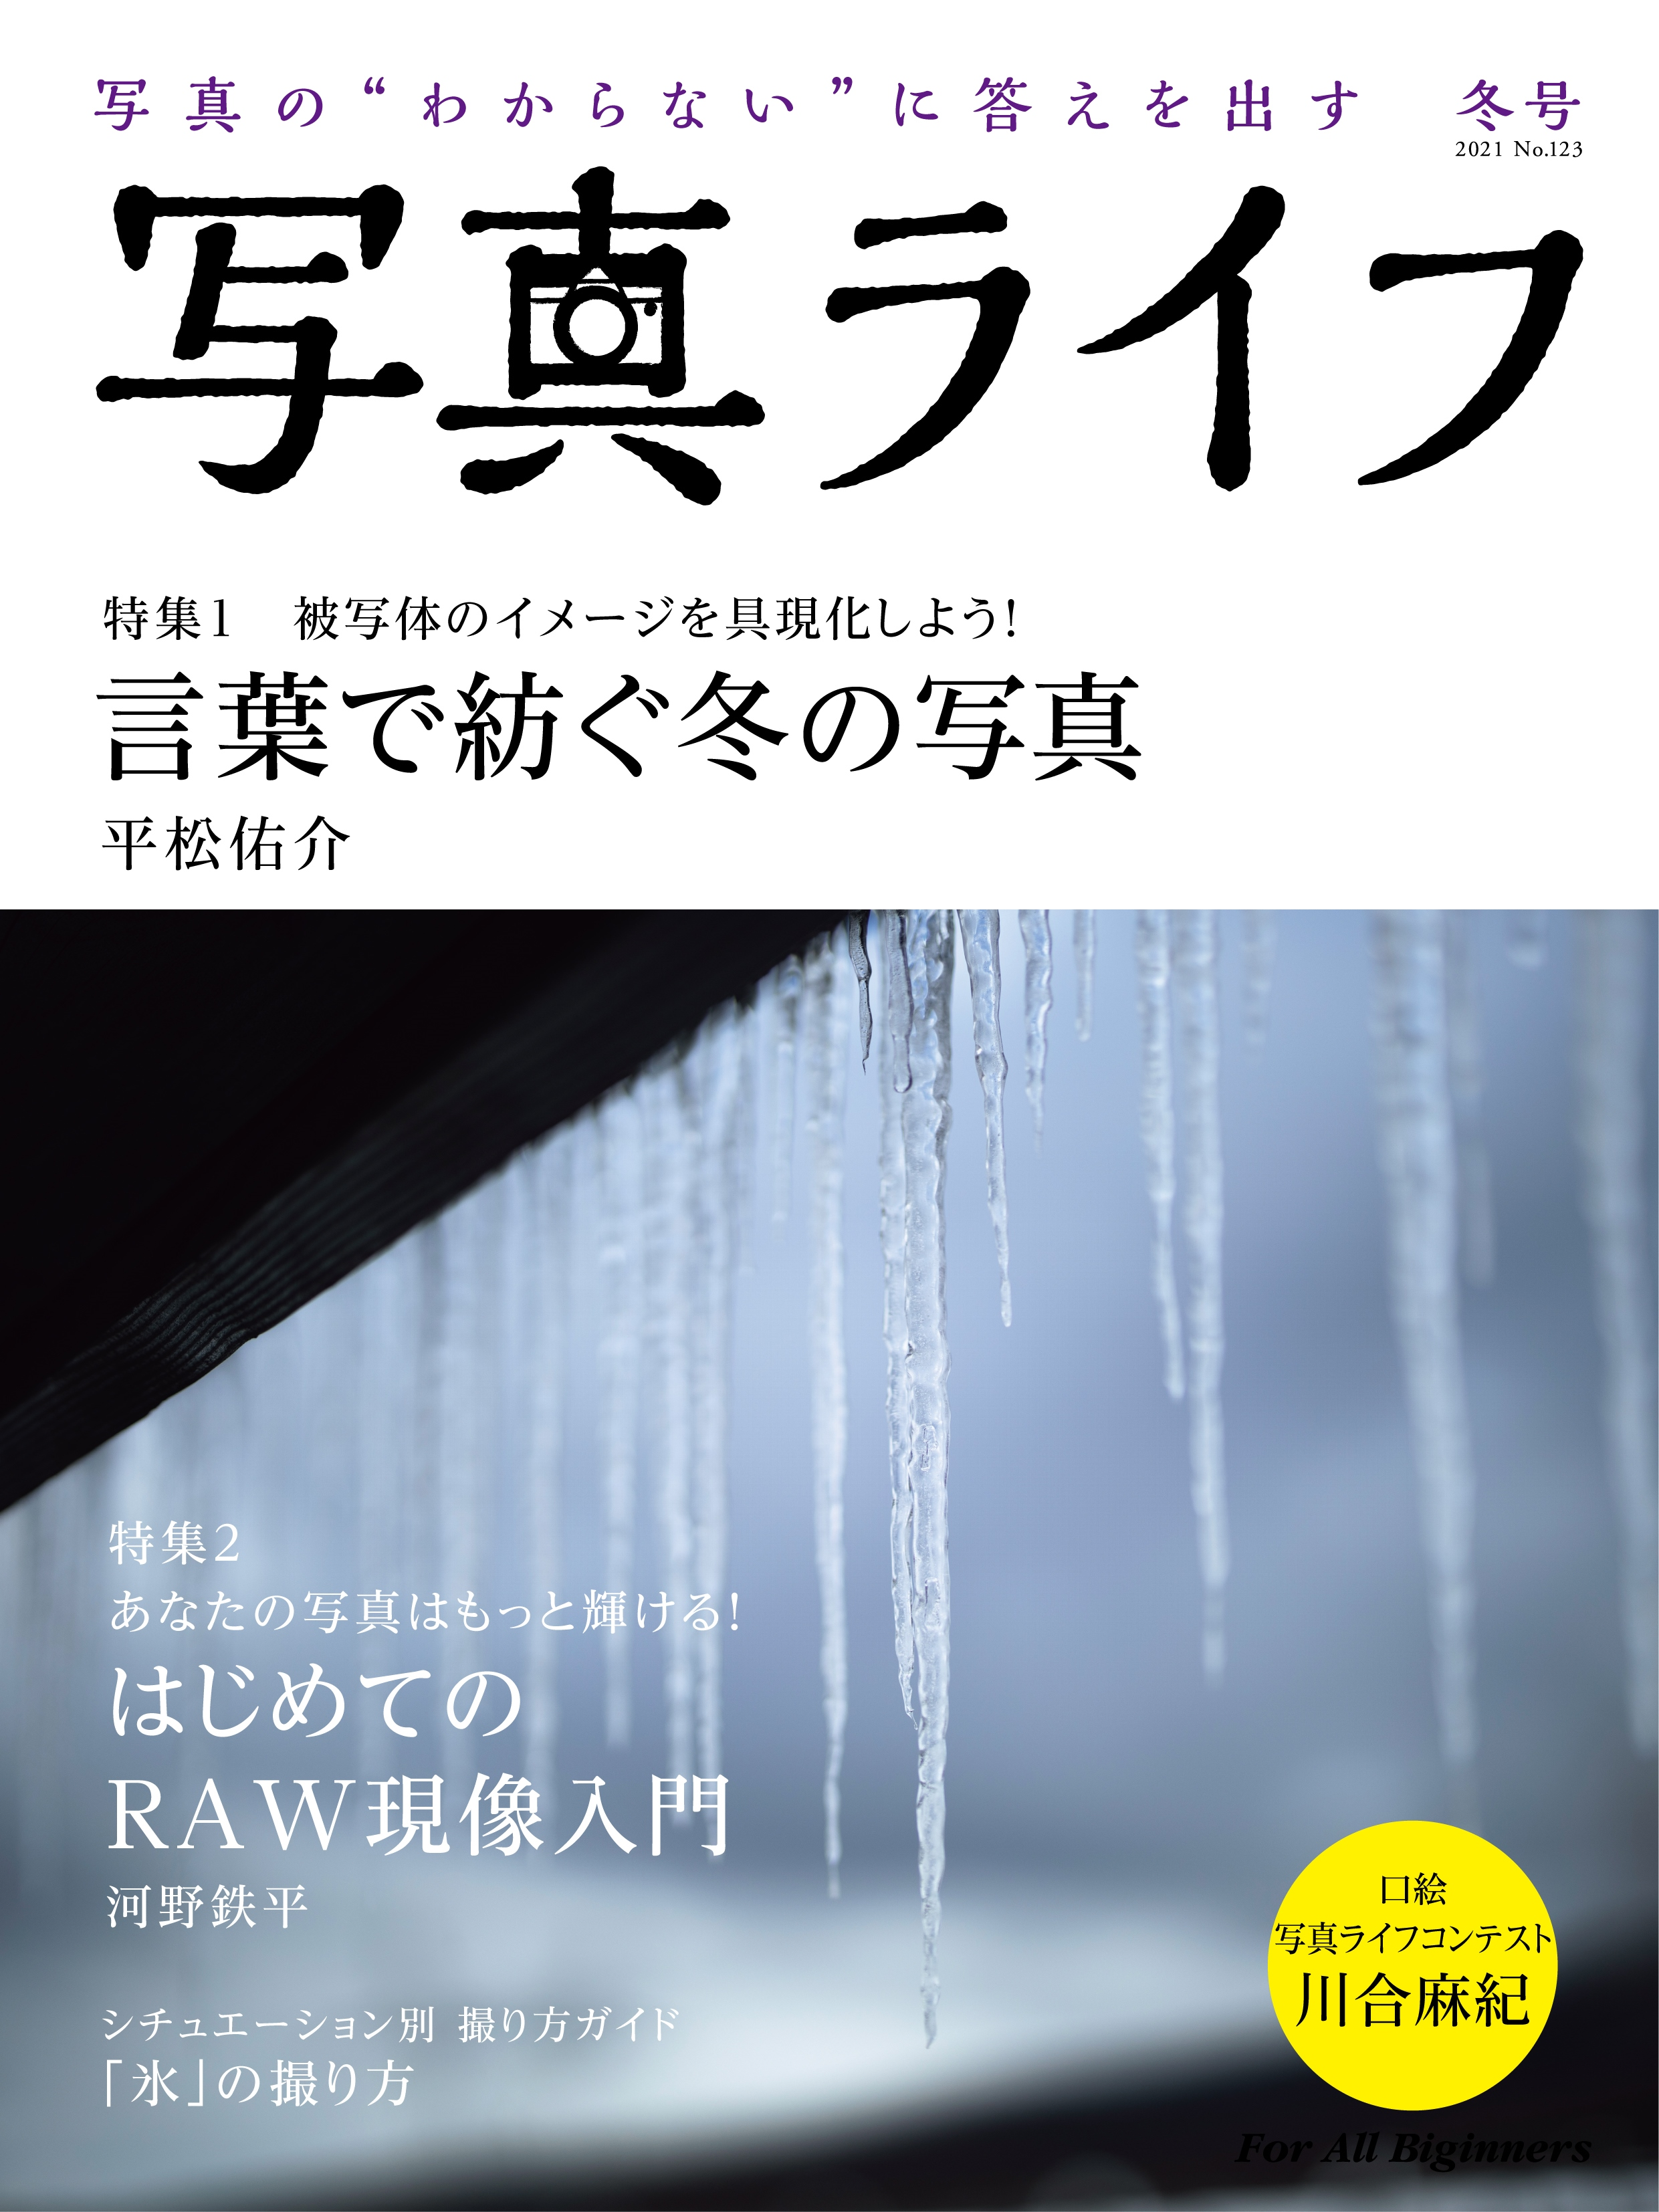 写真ライフNo123  2021 冬